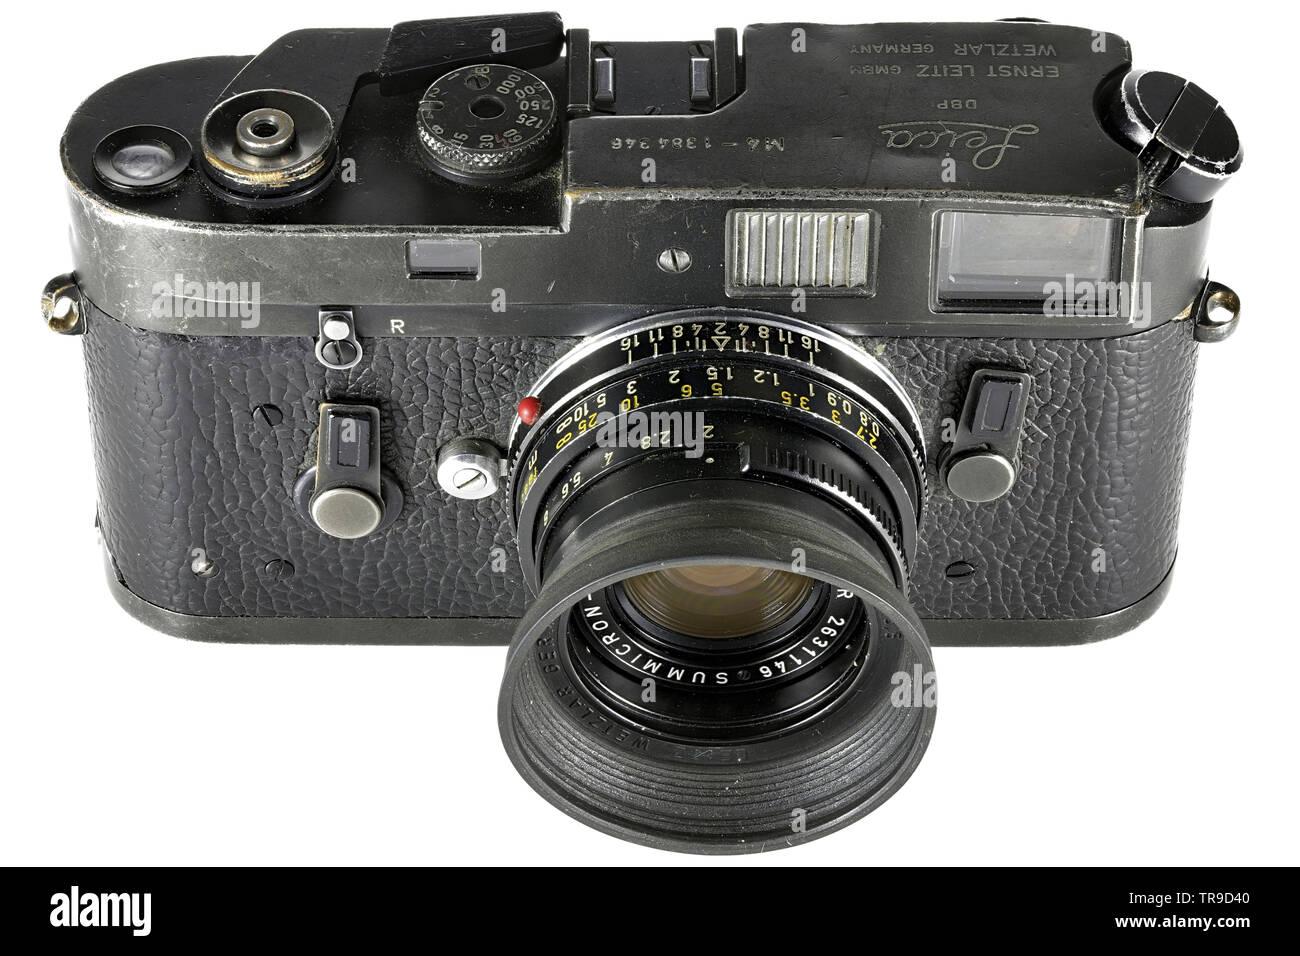 Leica Summicron Lens Stock Photos & Leica Summicron Lens Stock